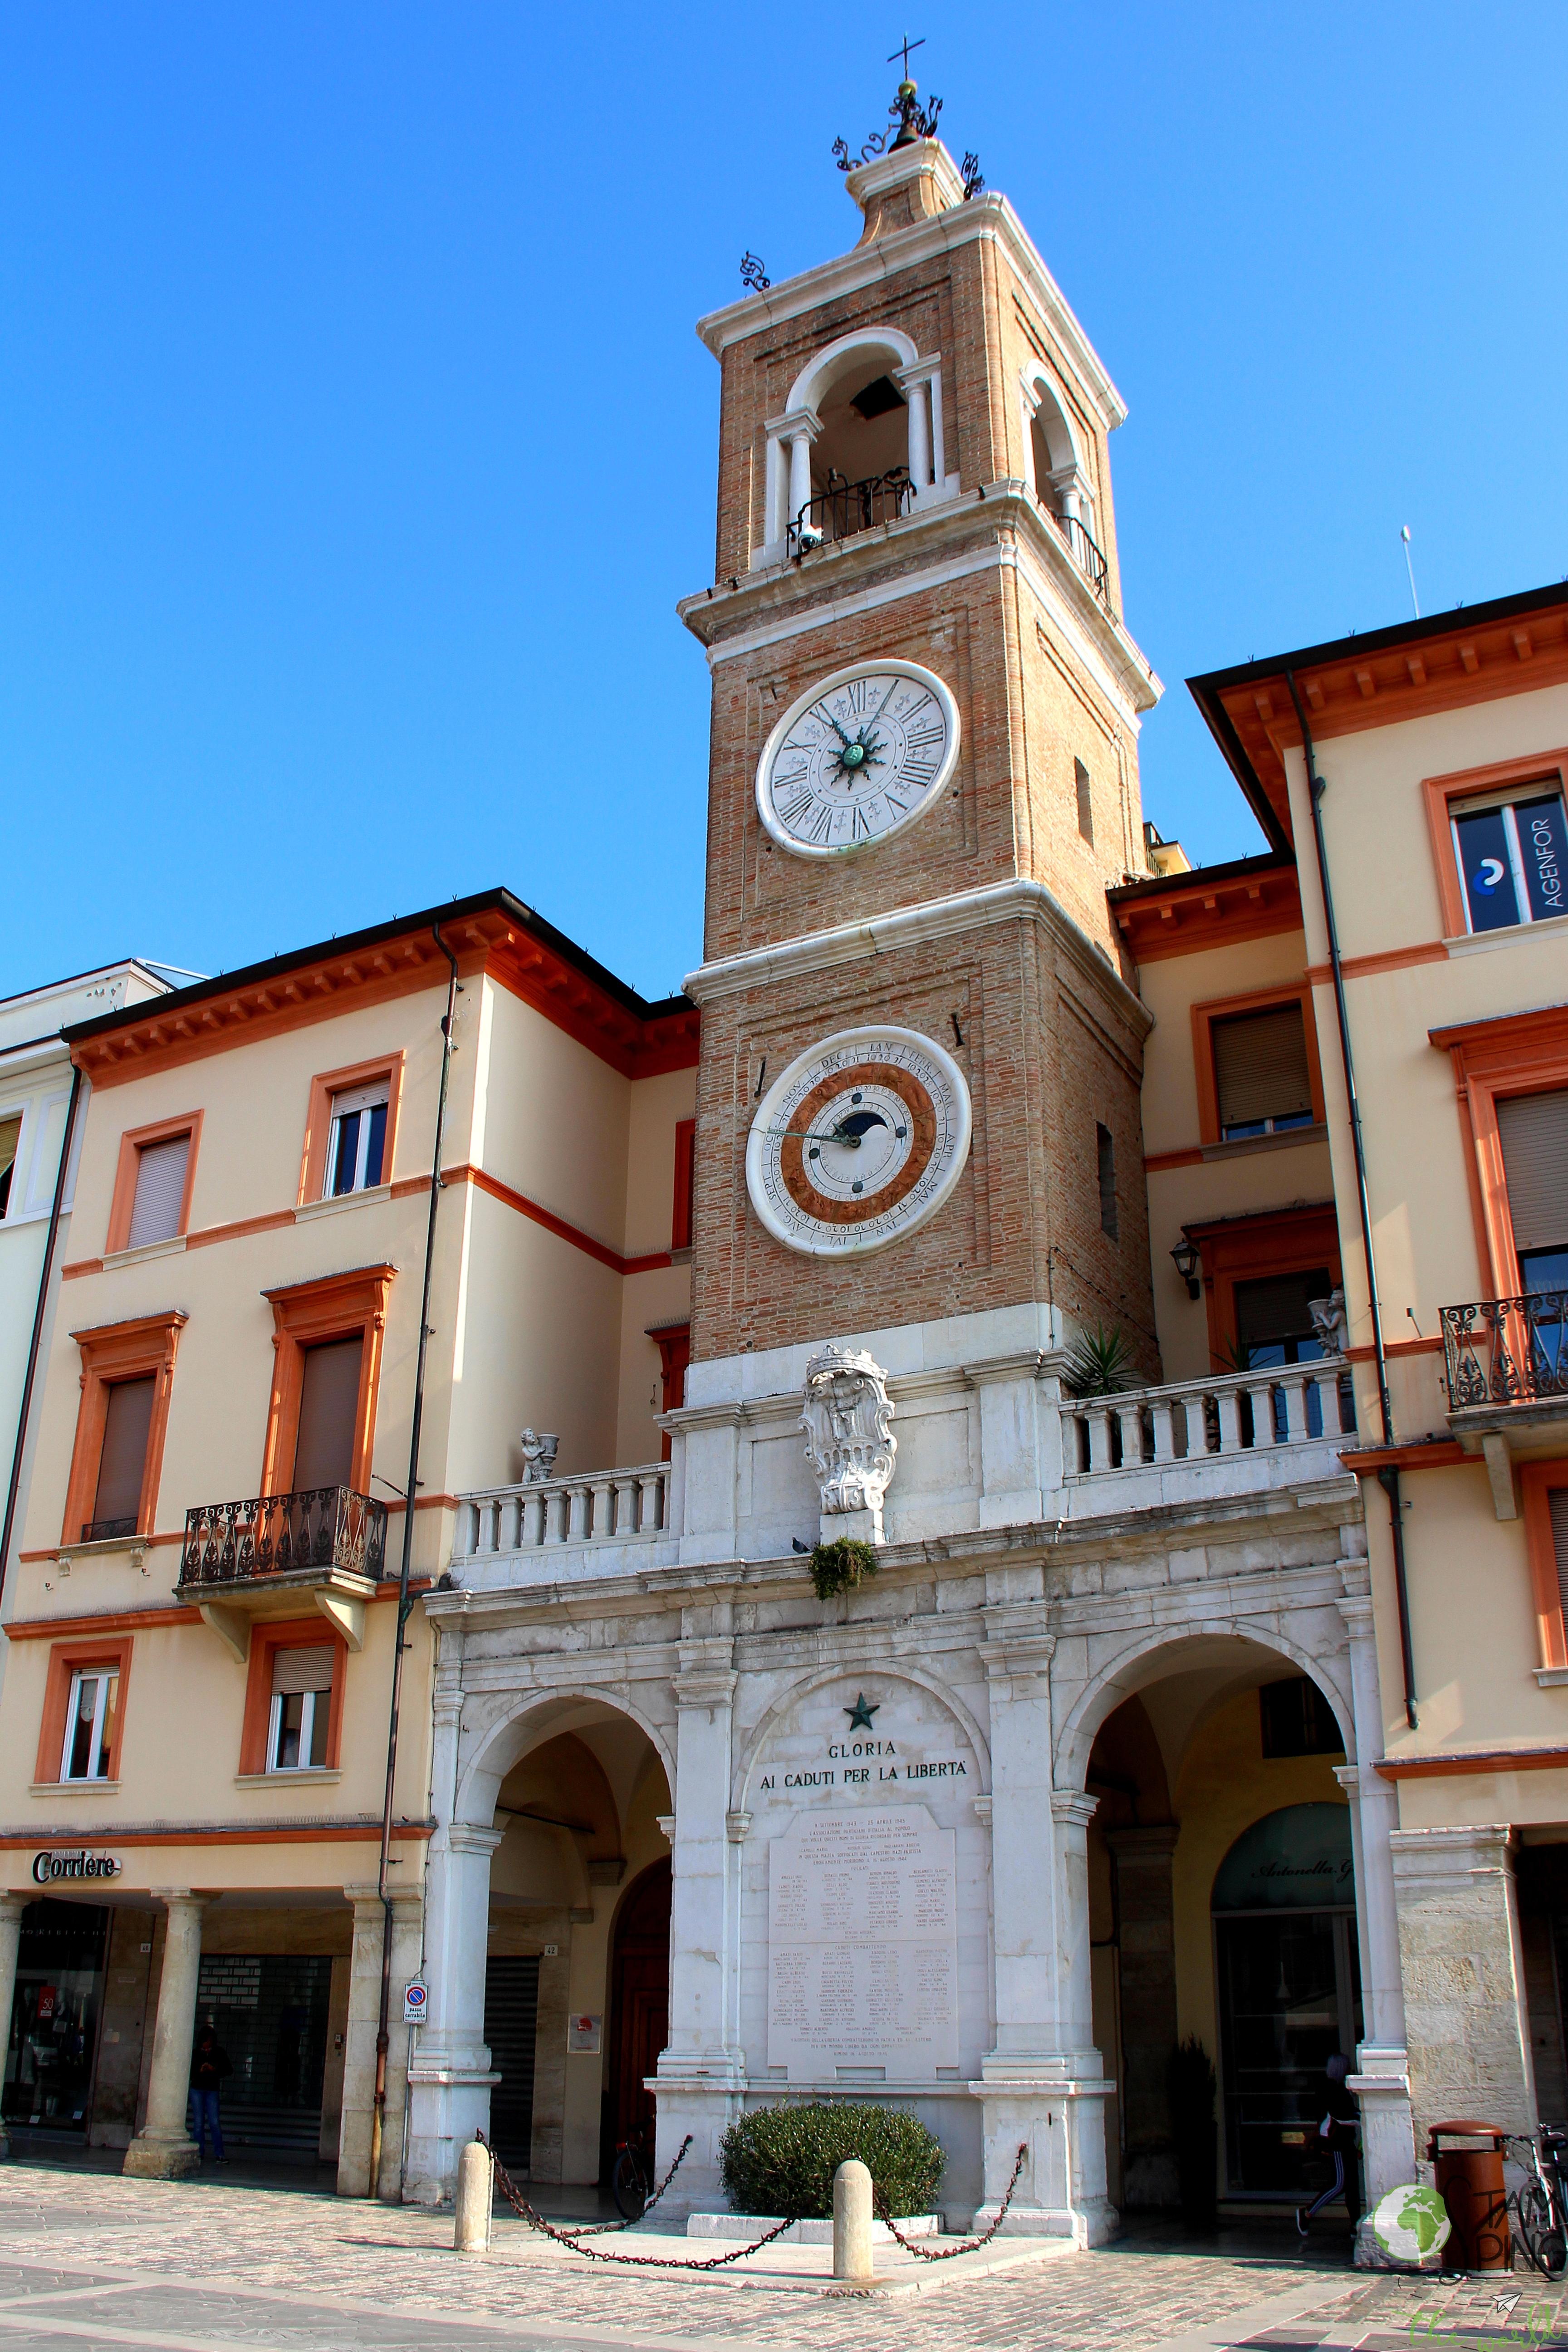 Campanile - Cosa vedere a Rimini